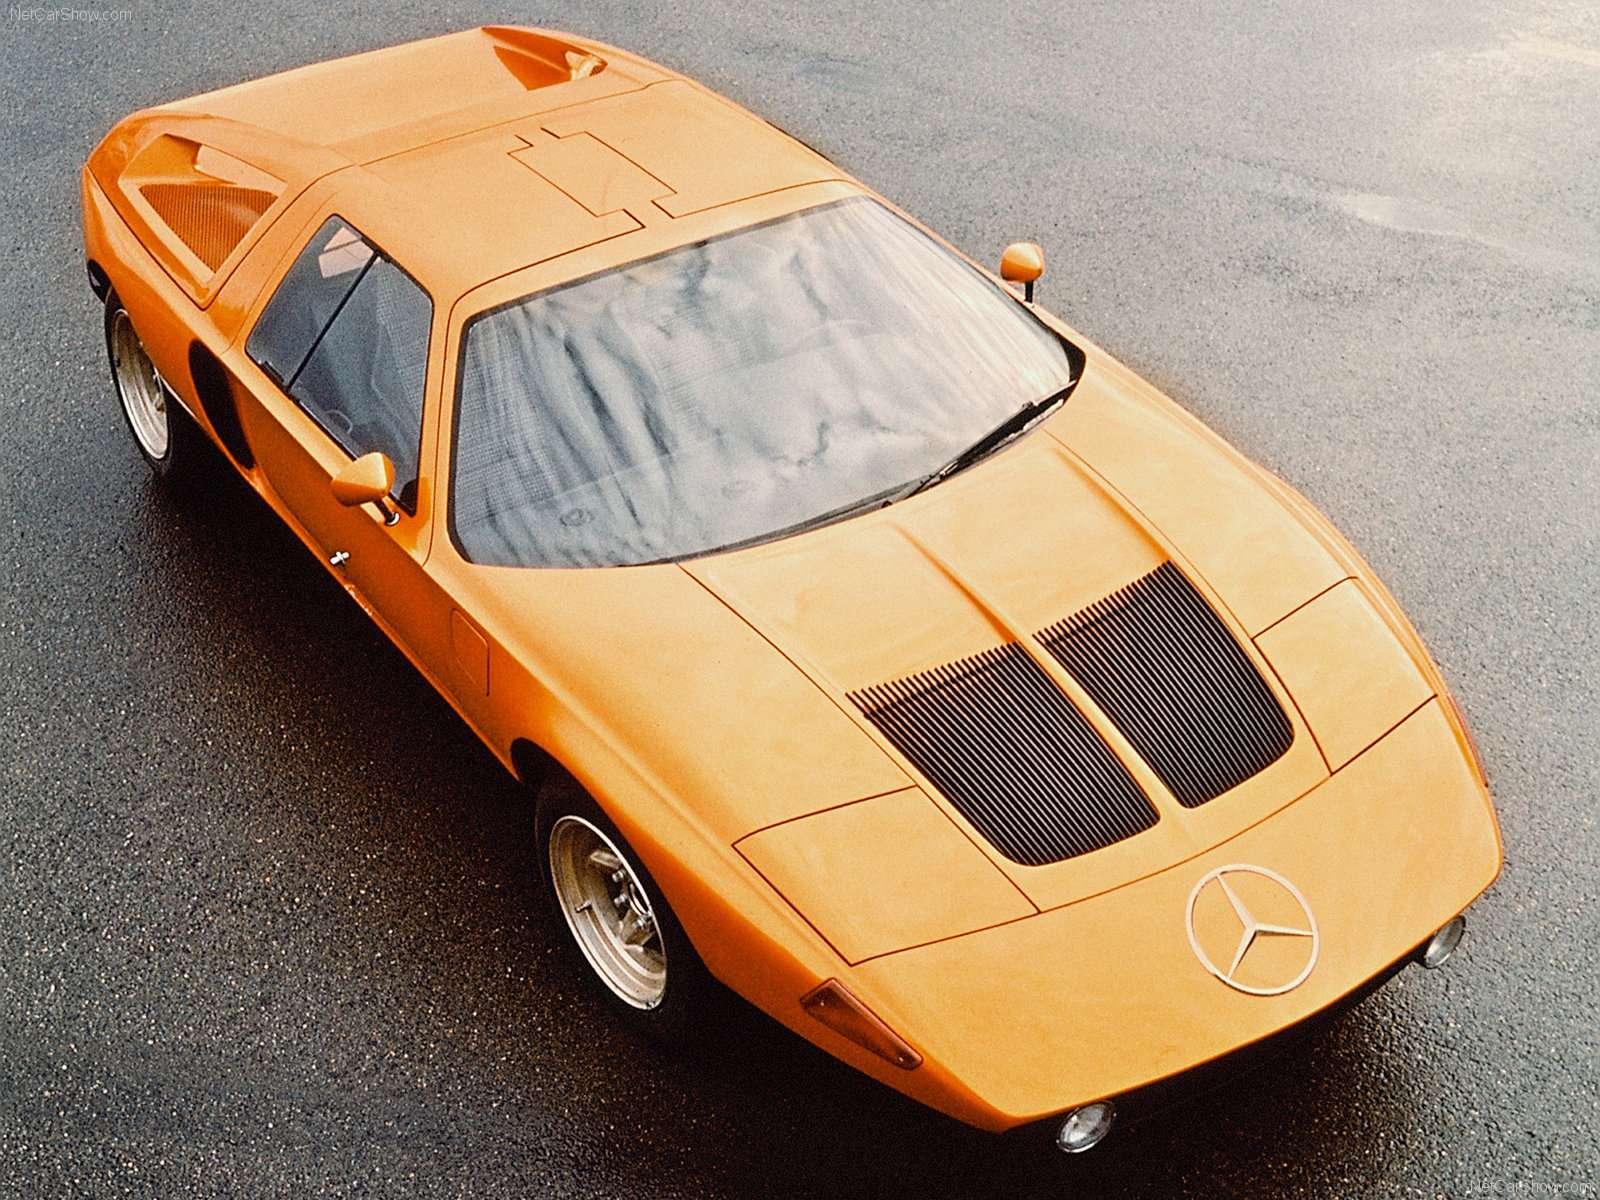 1970 mercedes benz c111 ii mercedes benz for Mercedes benz gas chambers